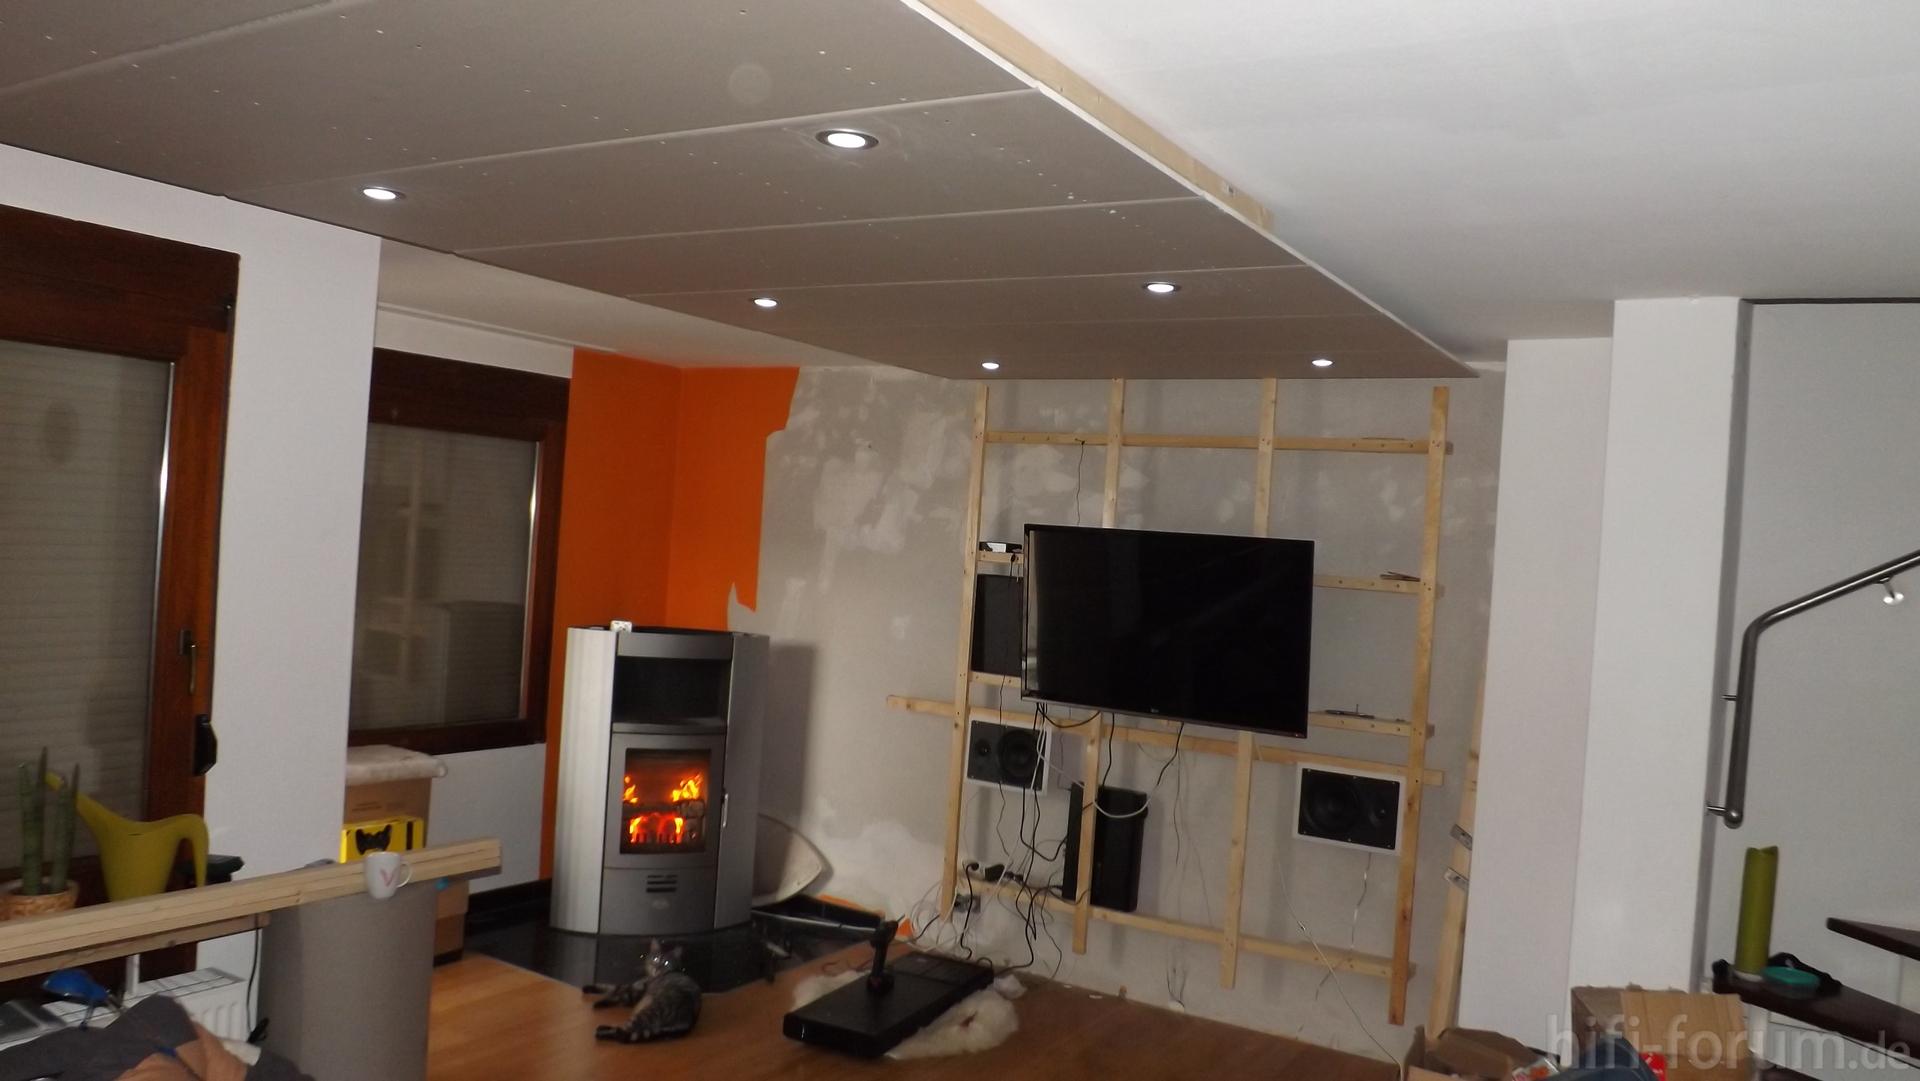 Moderne dekoration hochbett weis images best wandgestaltung wohnzimmer grau turkis images home - Sims 3 wohnzimmer modern ...